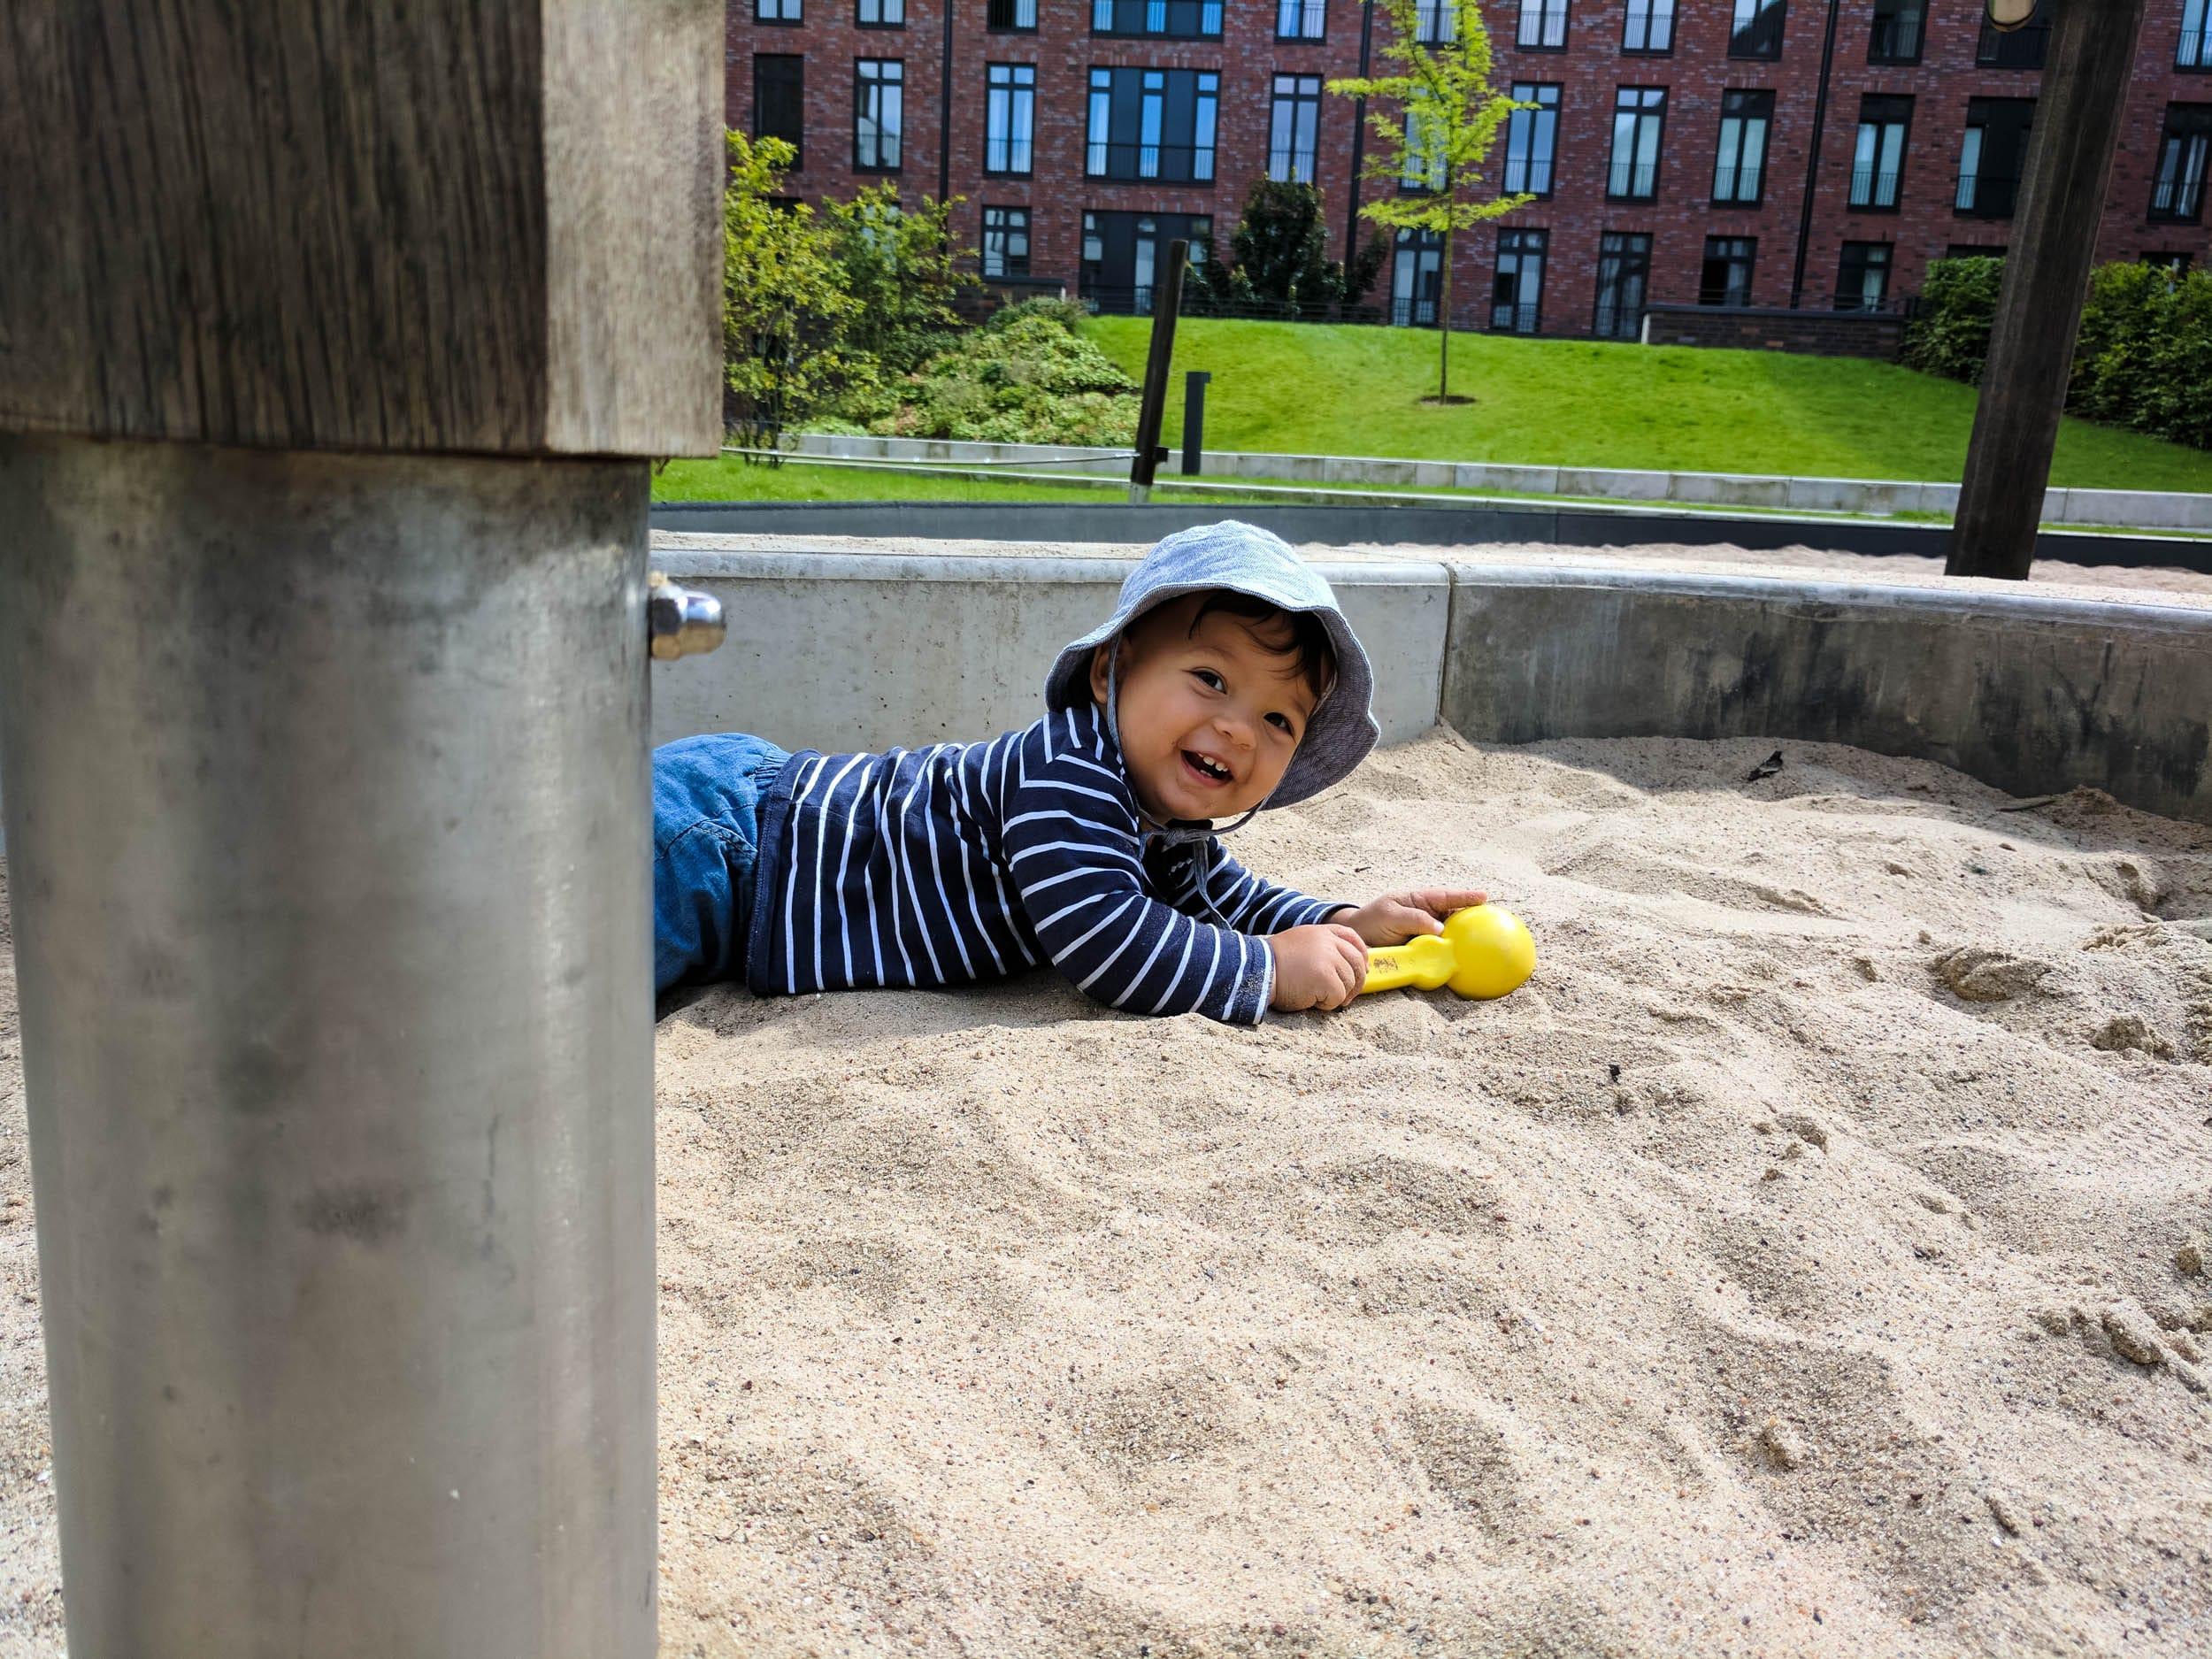 Kleinkind | Spielplatz | Spielstabil | Sandkiste | ivy.li